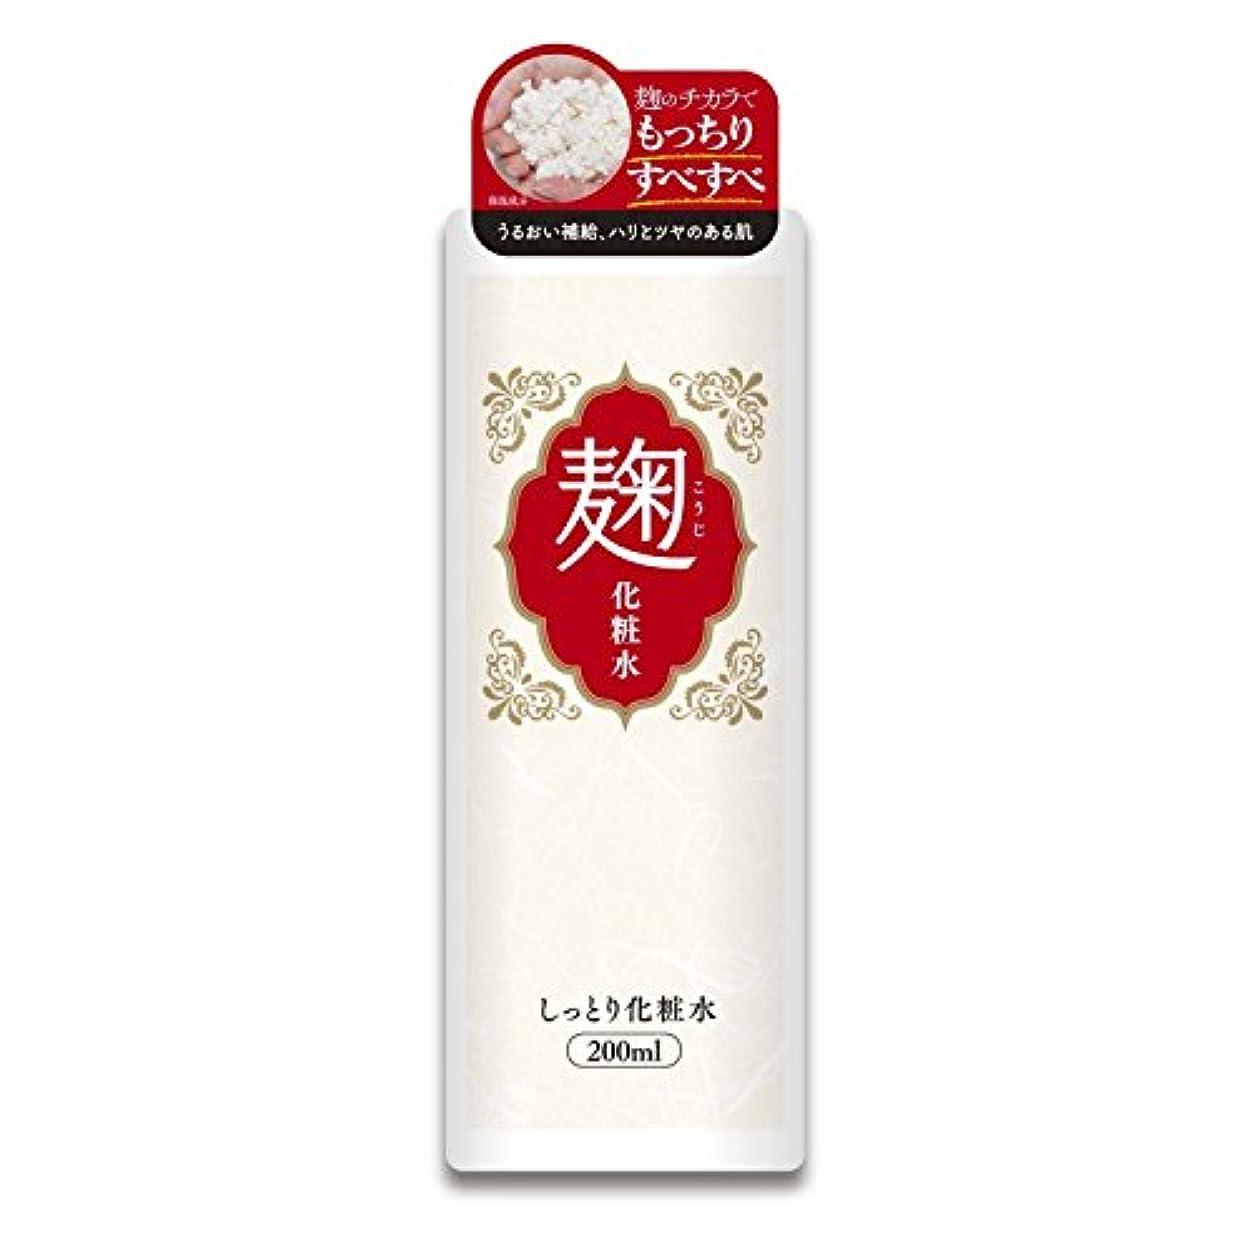 等価子供時代刺激するユゼ 麹配合美肌しっとり化粧水 200mL